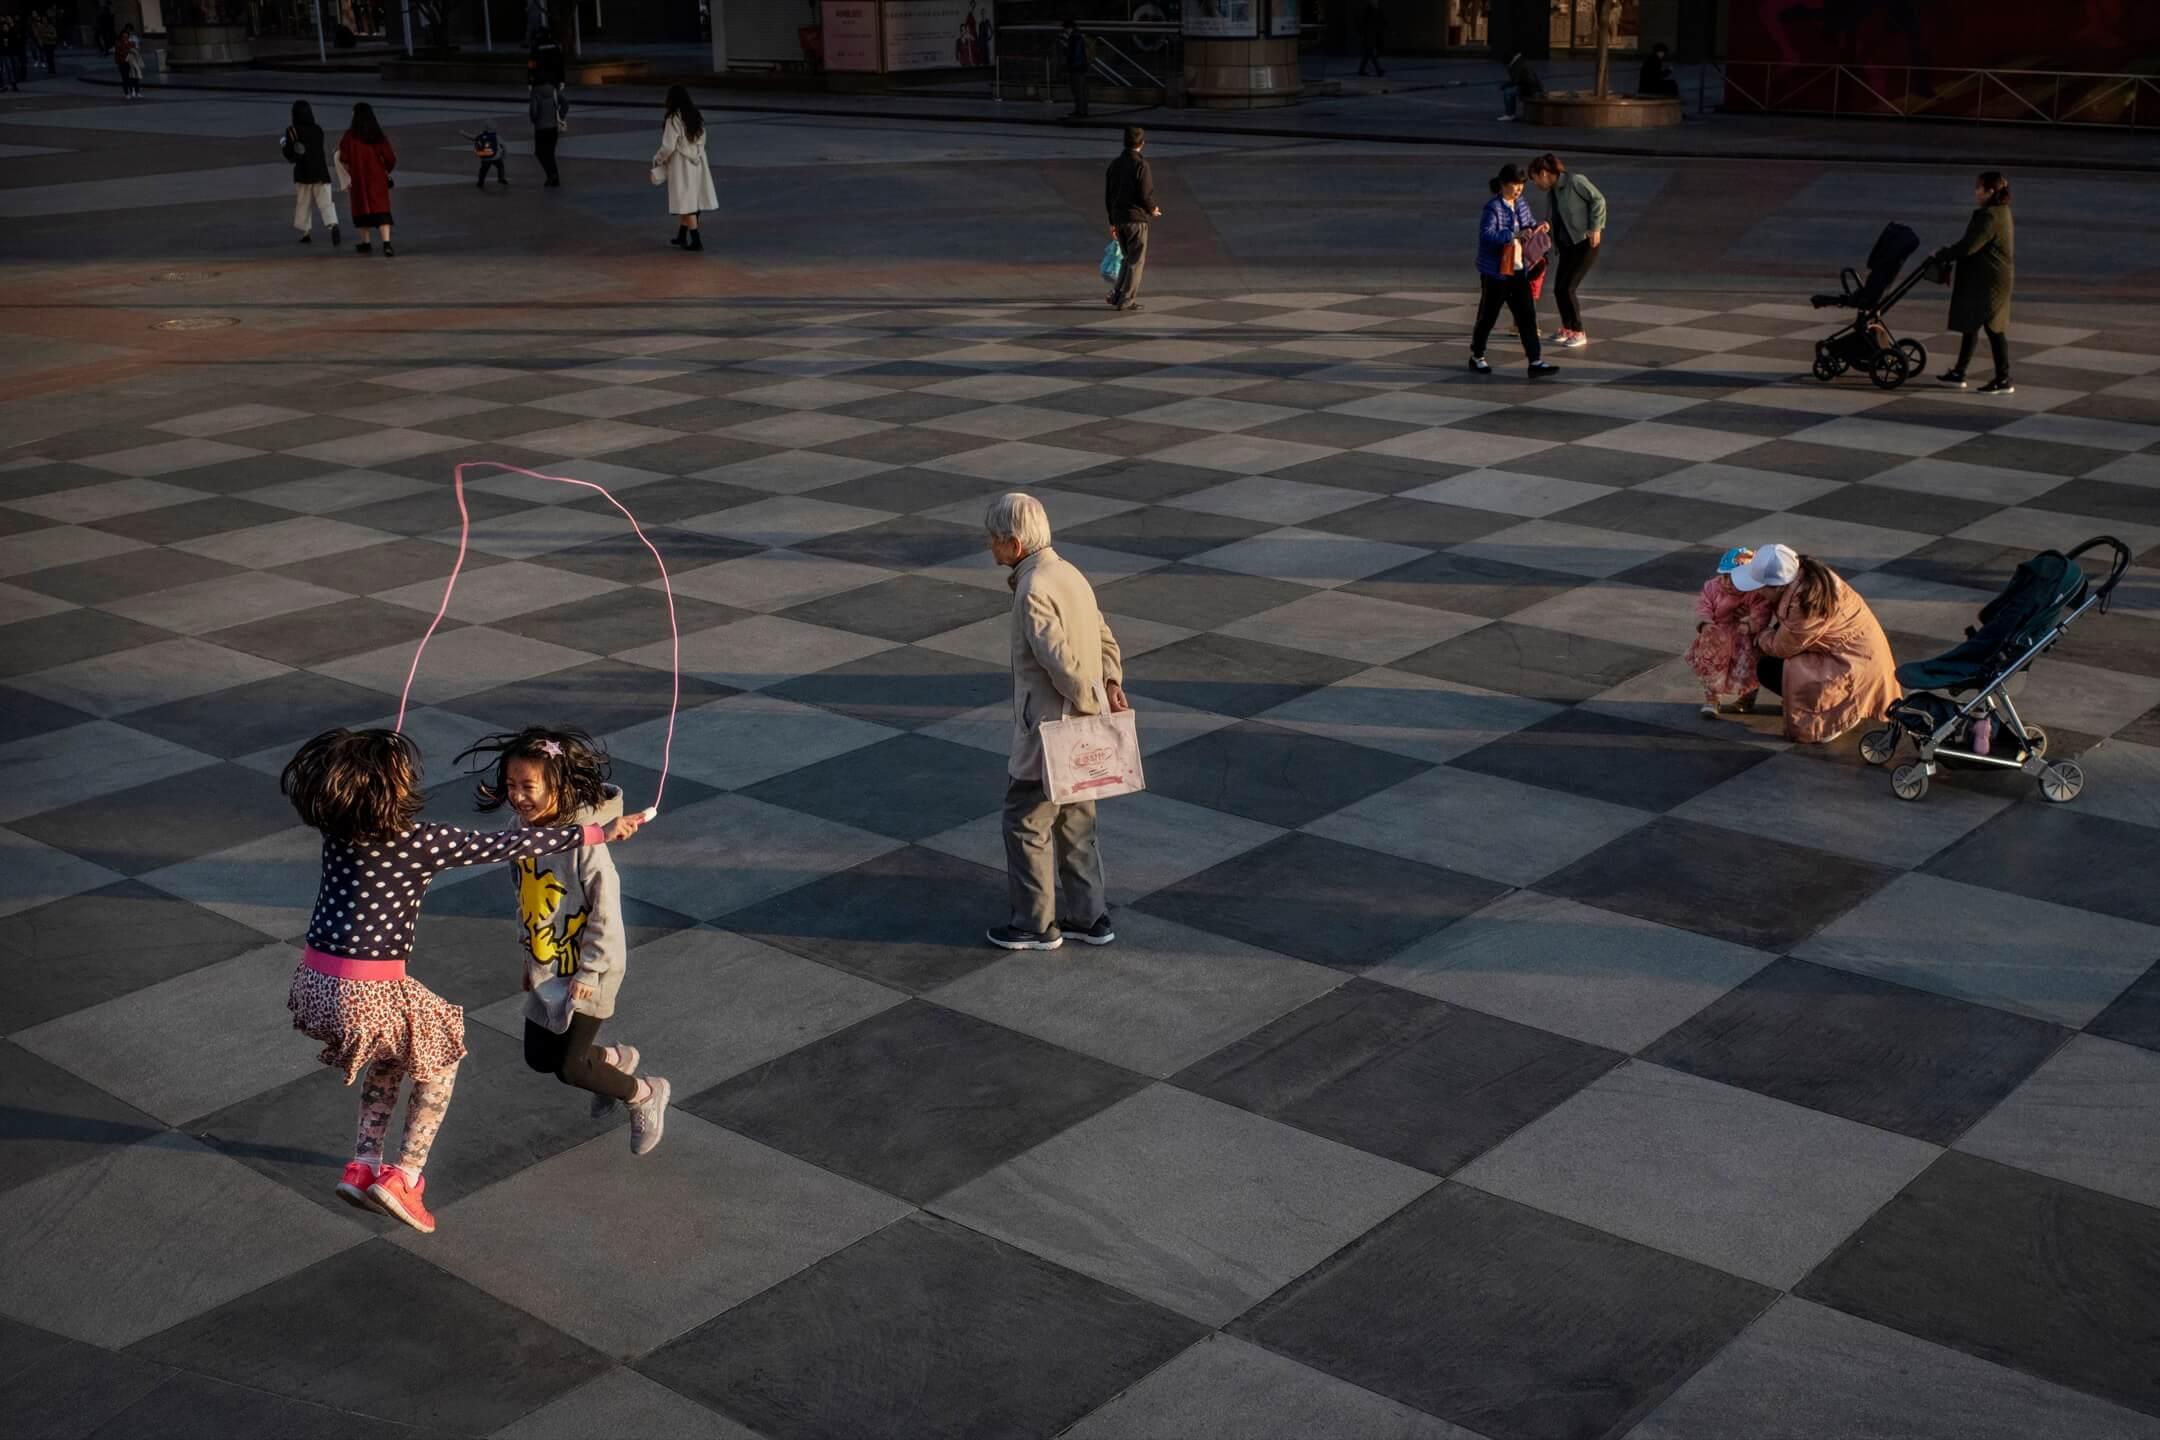 2019年,中國首都北京,兩個女孩在廣場上跳繩。 攝:Kevin Frayer/Getty Images